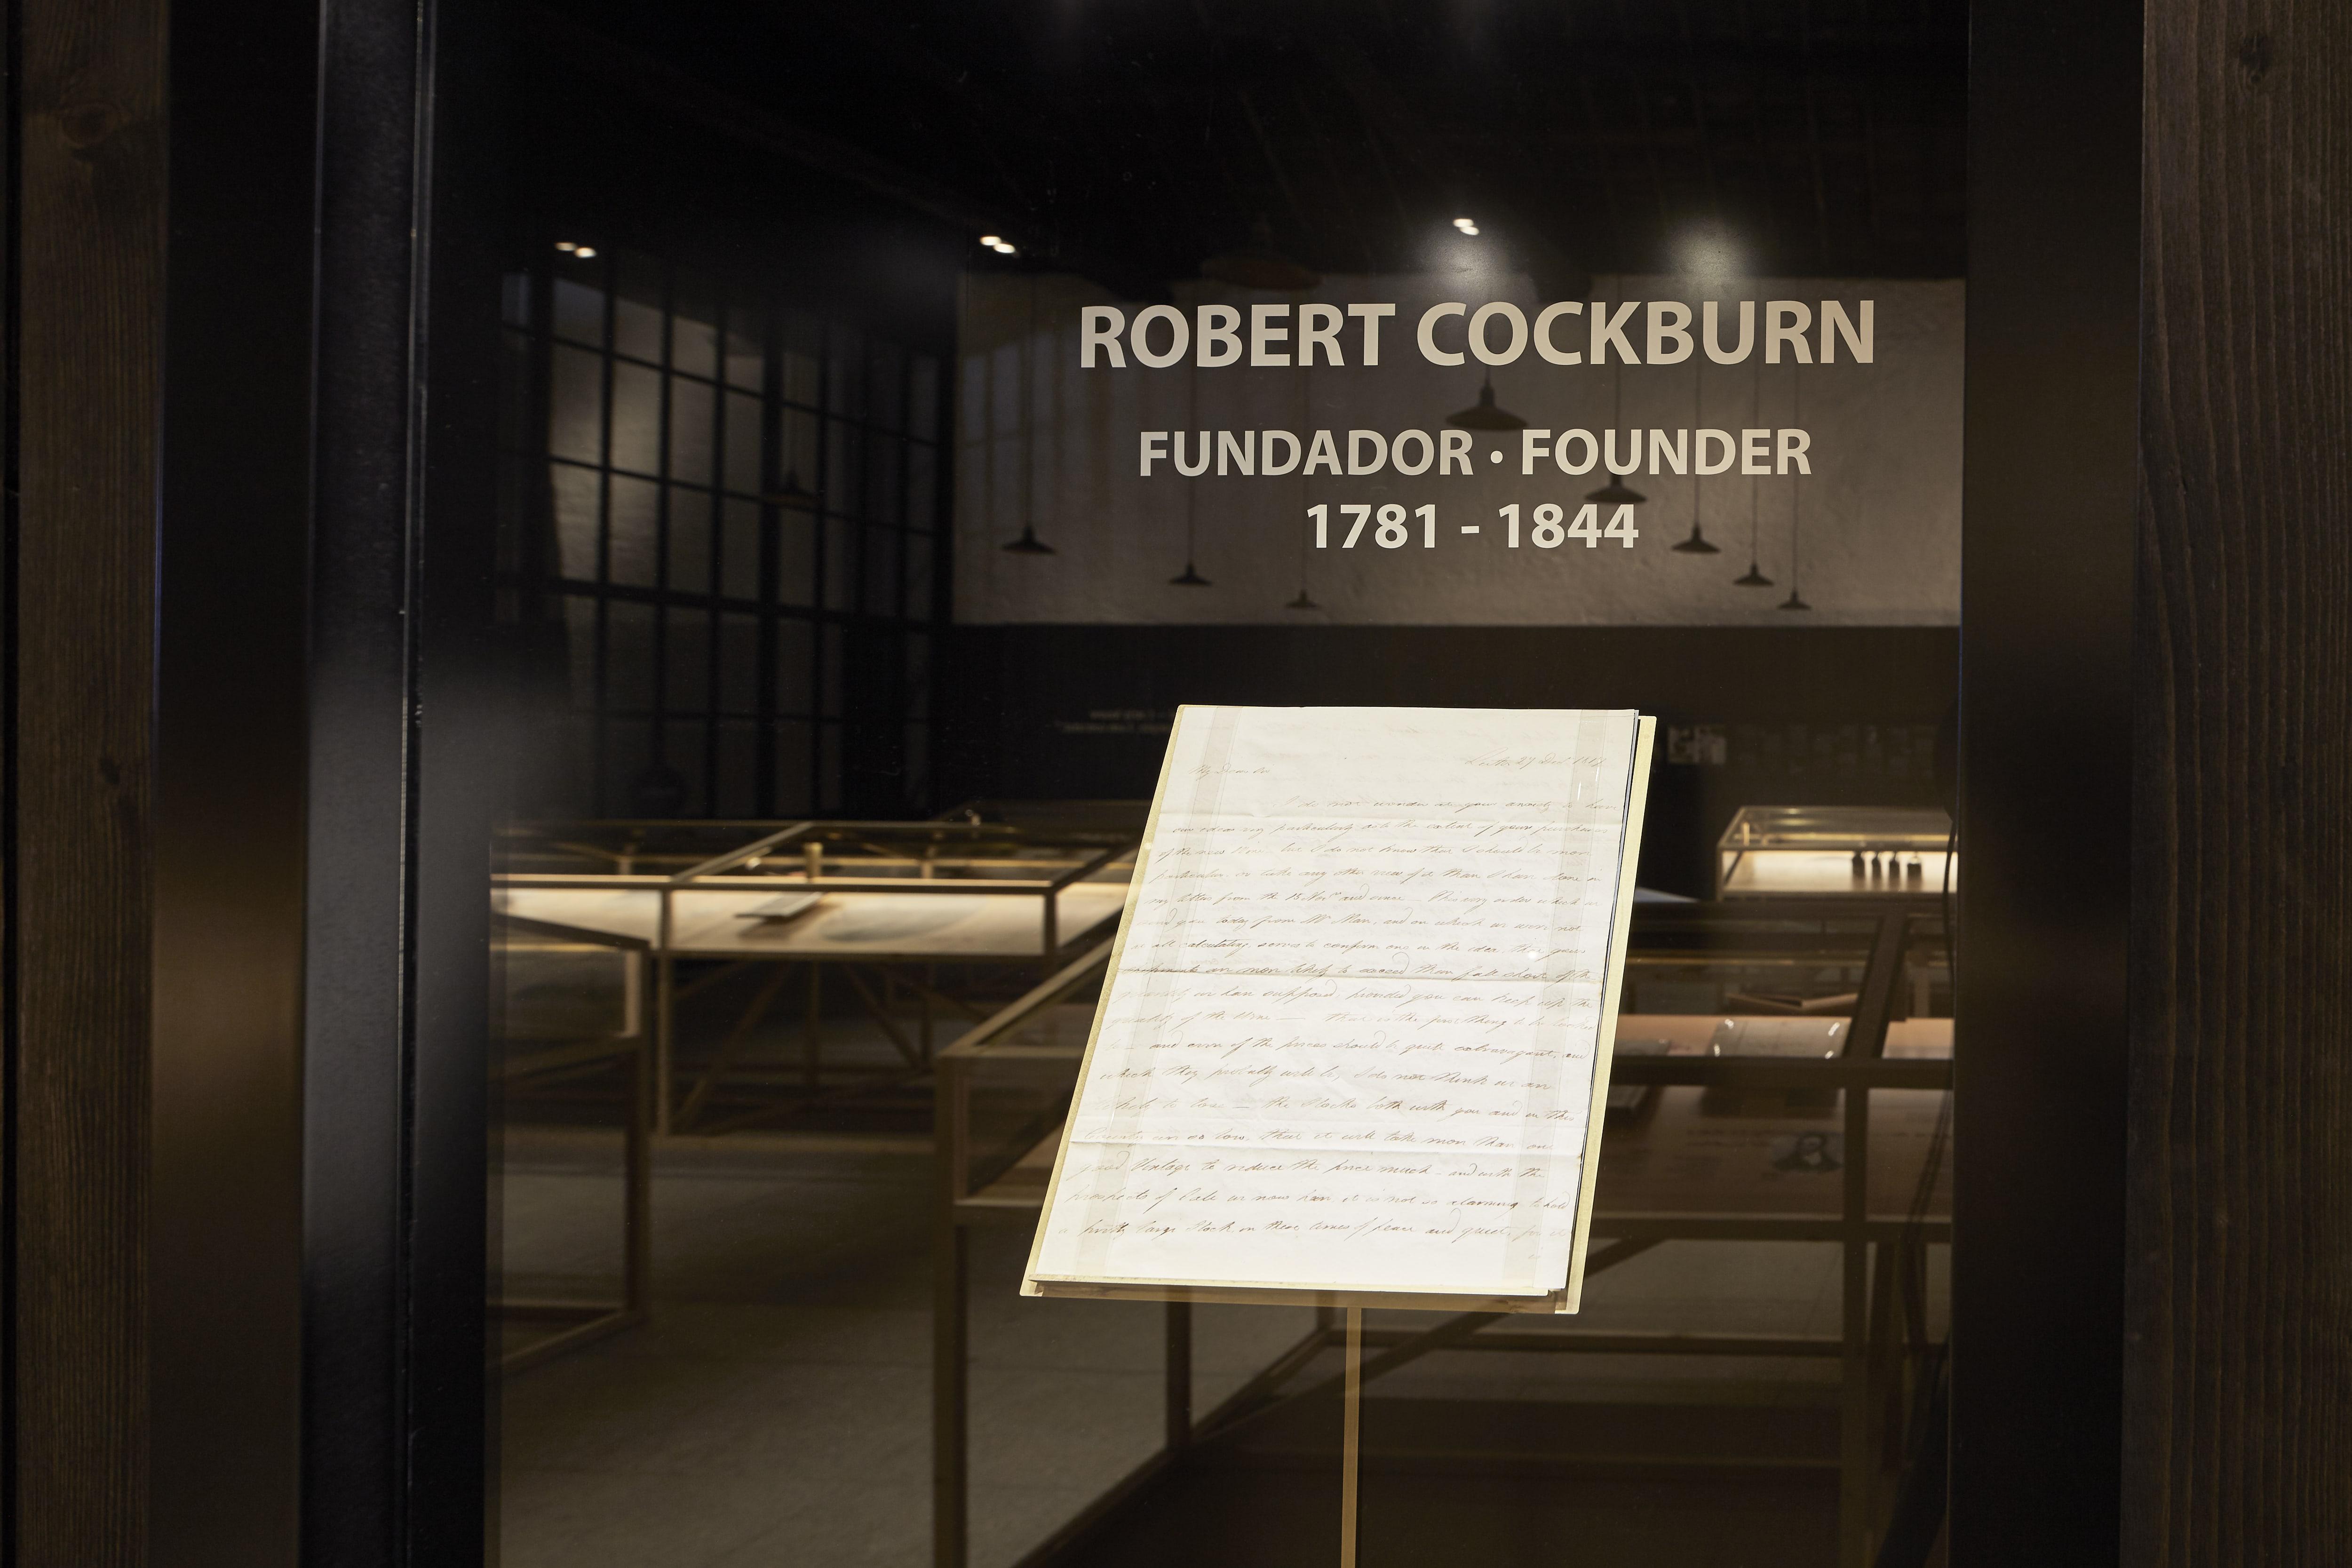 Caves Cockburn's - Visita & Prova Clássica